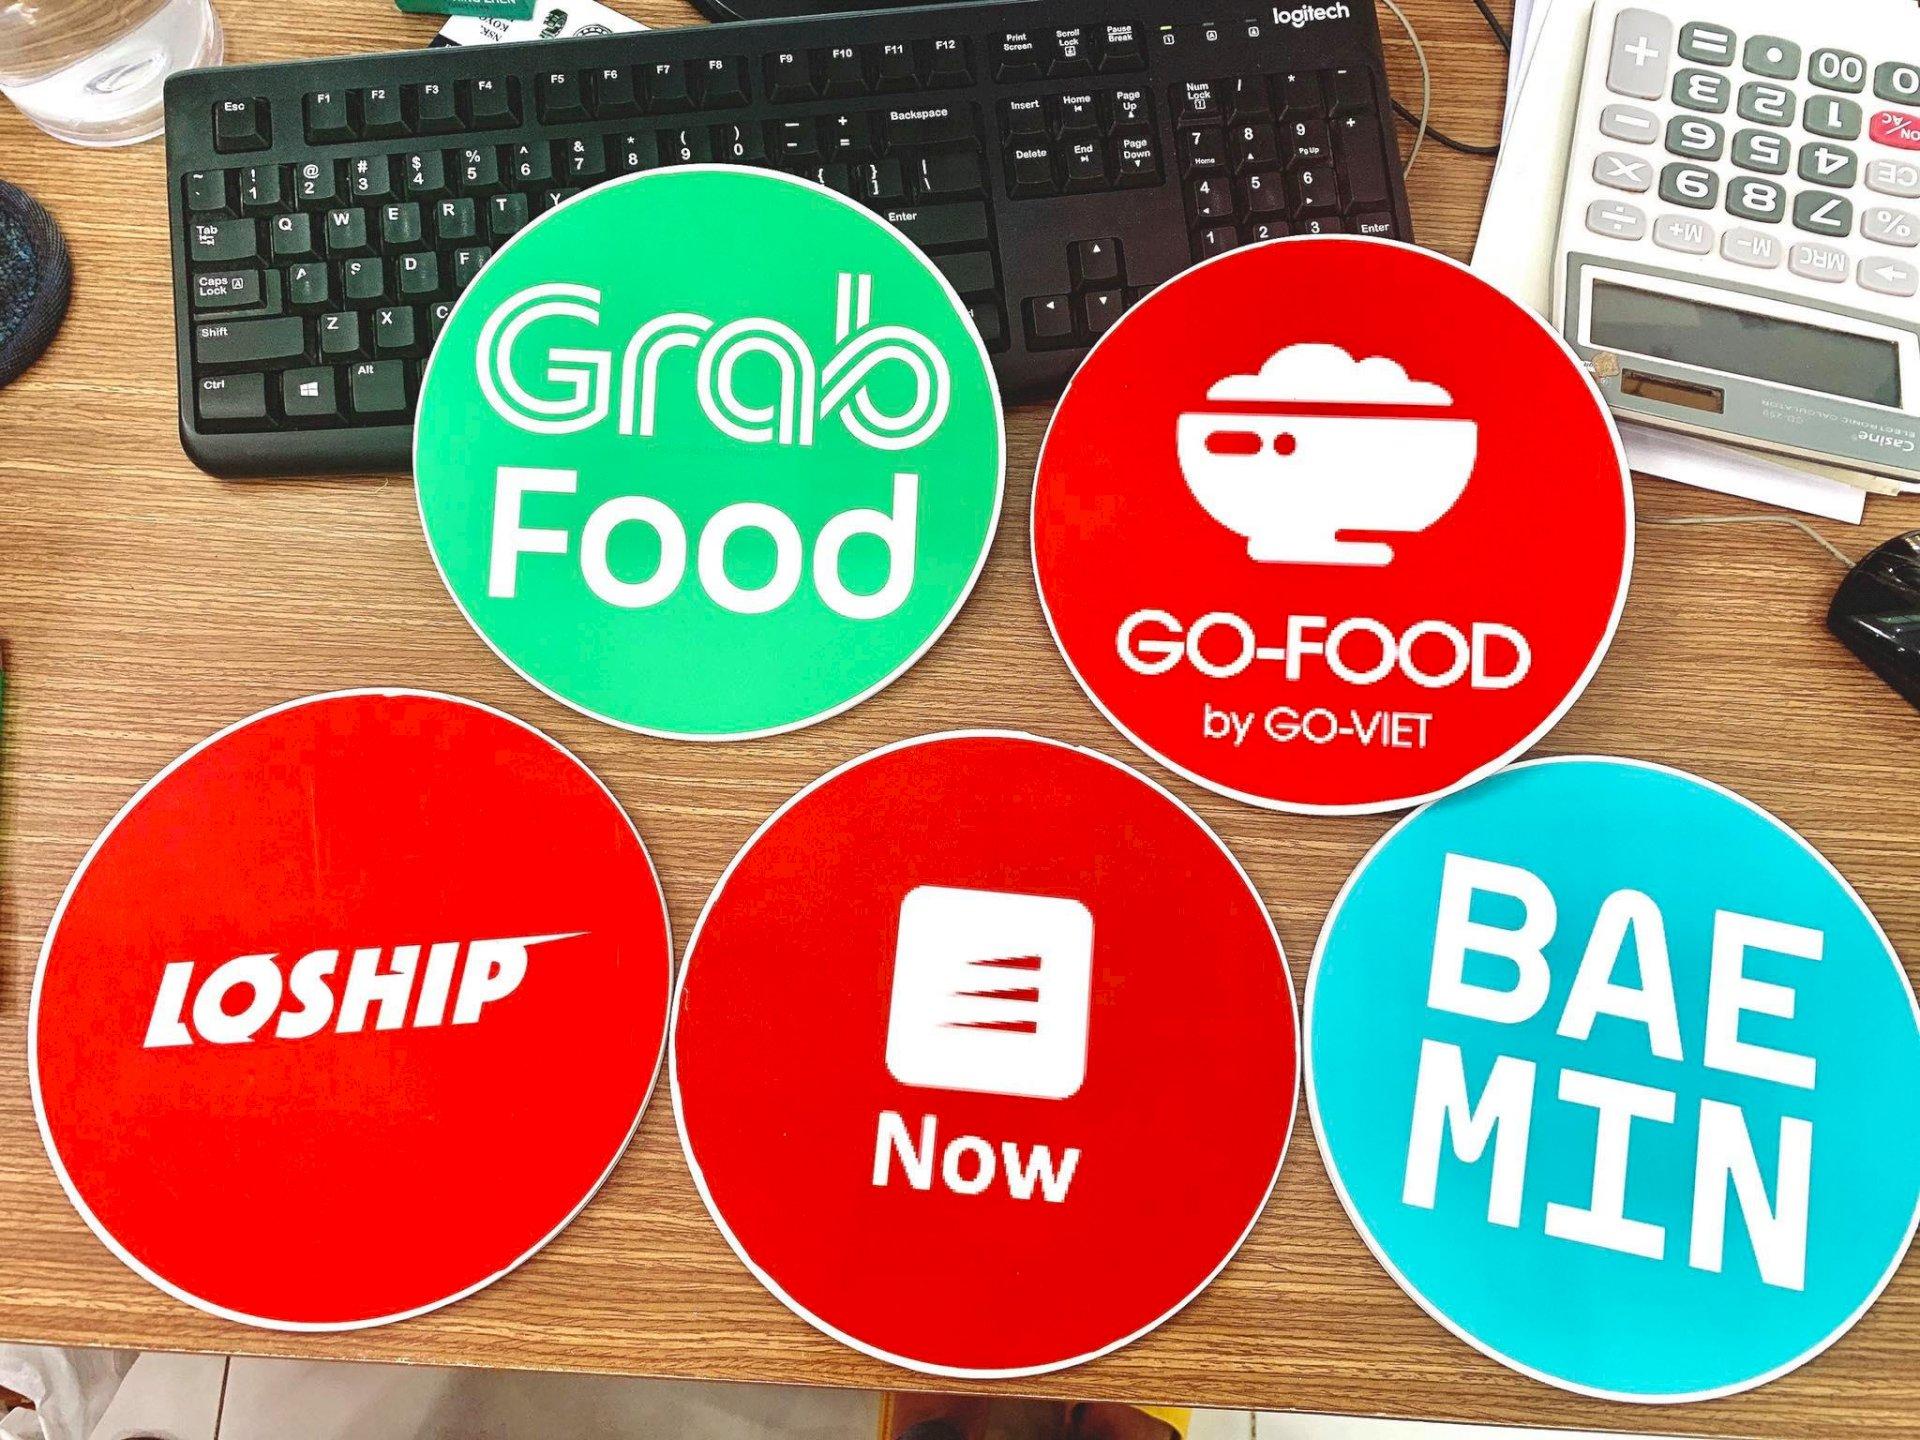 In sticker size lớn ứng dụng đặt và giao đồ ăn online Grab Food - Go-Food - Loship - Now - Baemin - Ảnh: 1